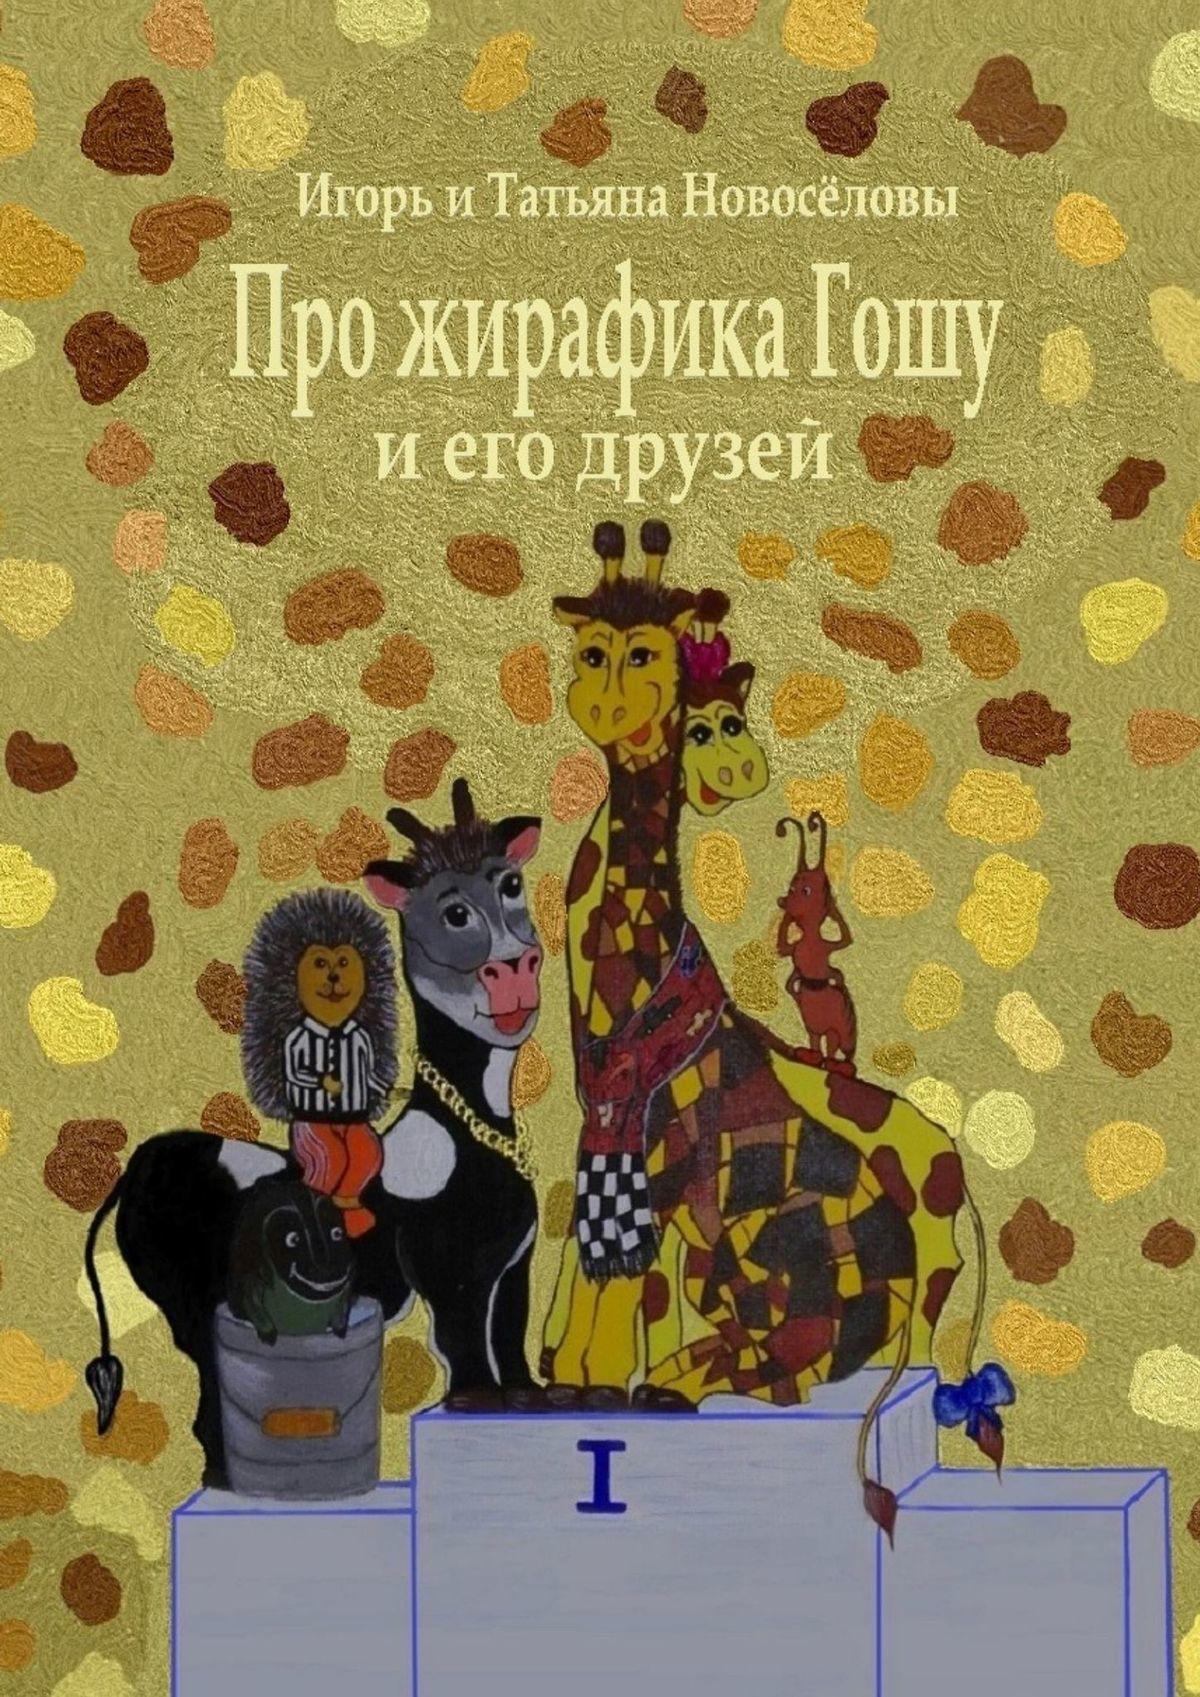 Игорь и Татьяна Новосёловы Про жирафика Гошу иегодрузей